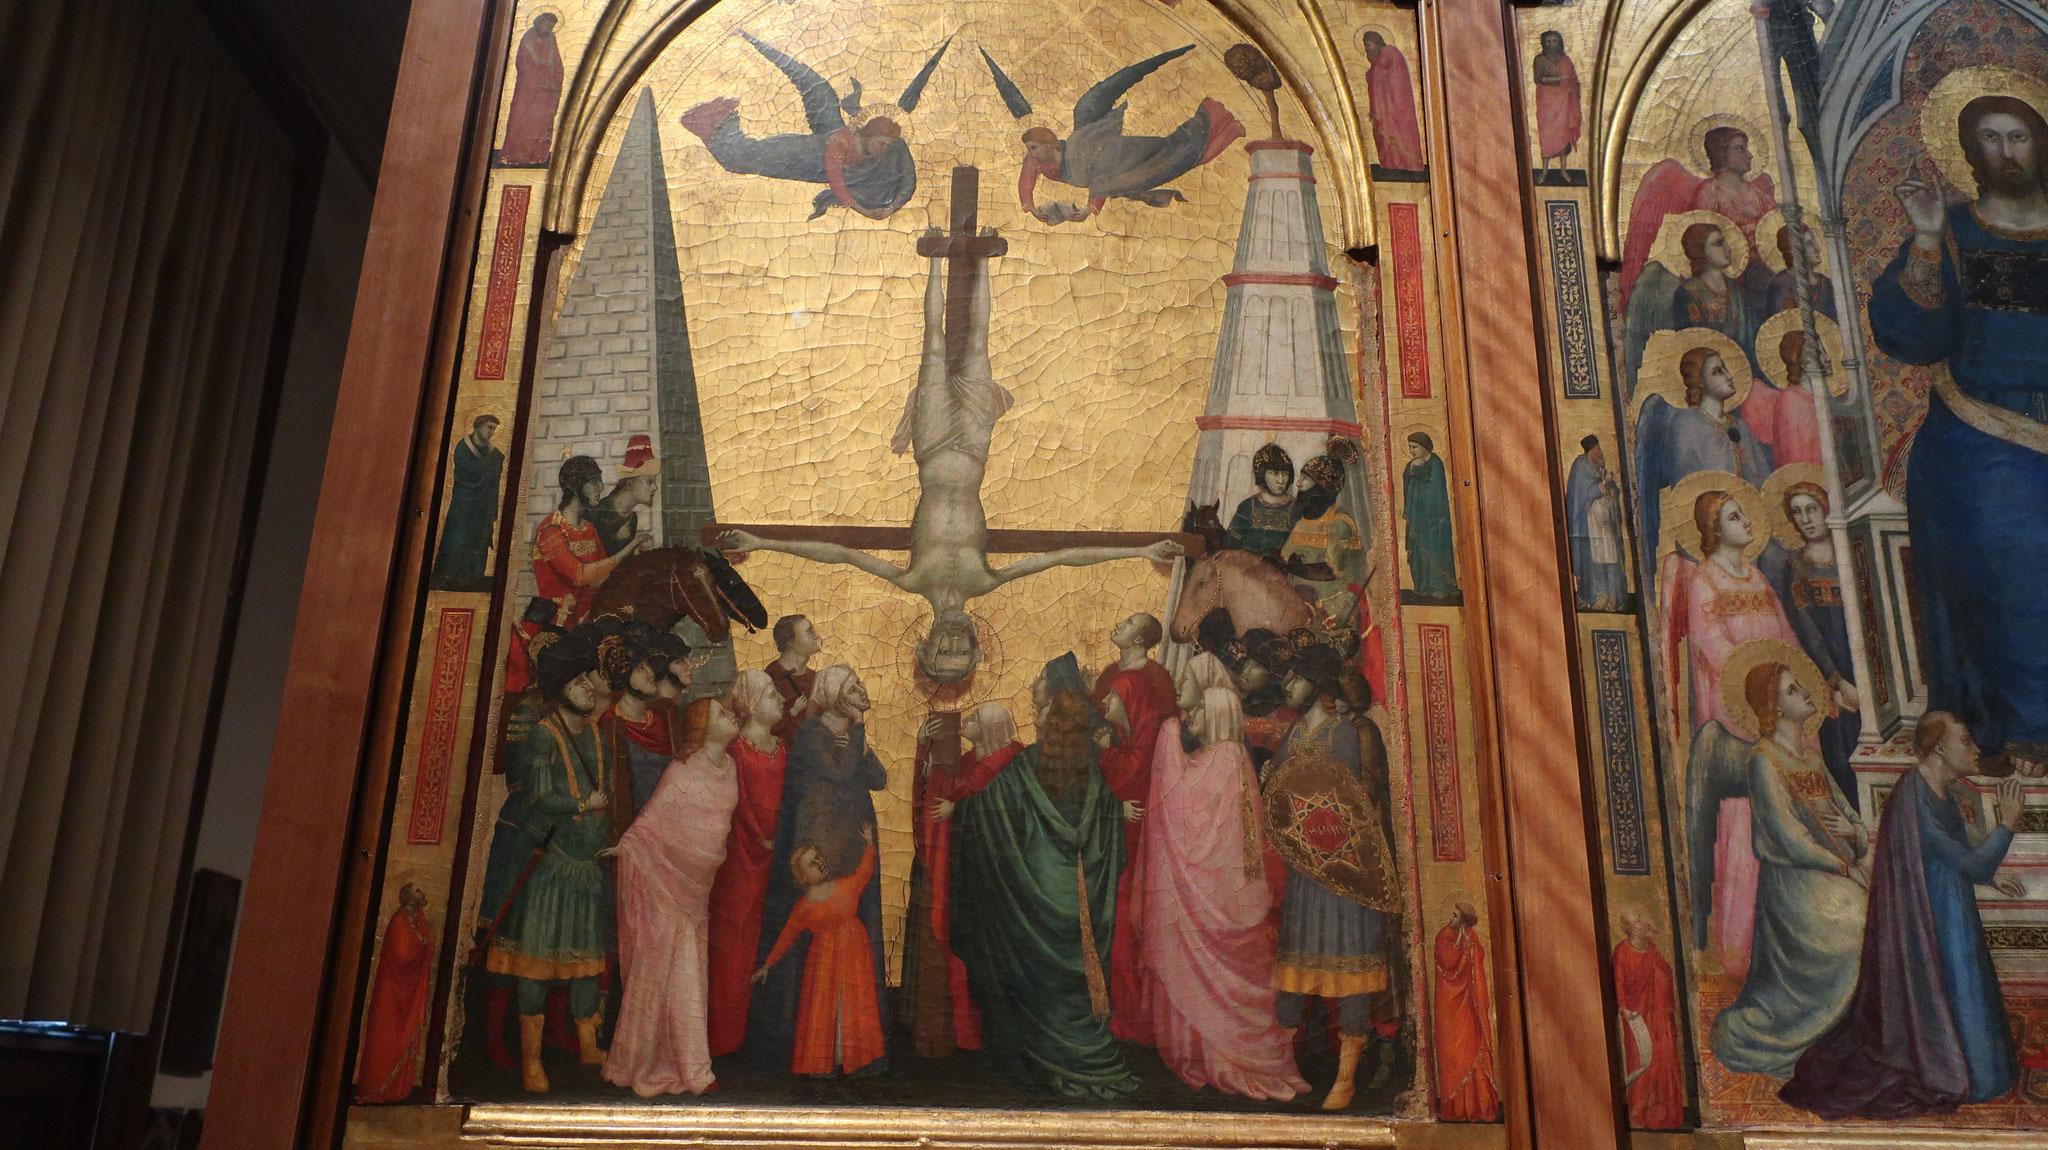 ステファネスキの祭壇画にある、逆さ磔(はりつけ)にされる聖ピエトロ(ペトロ)。13世紀。